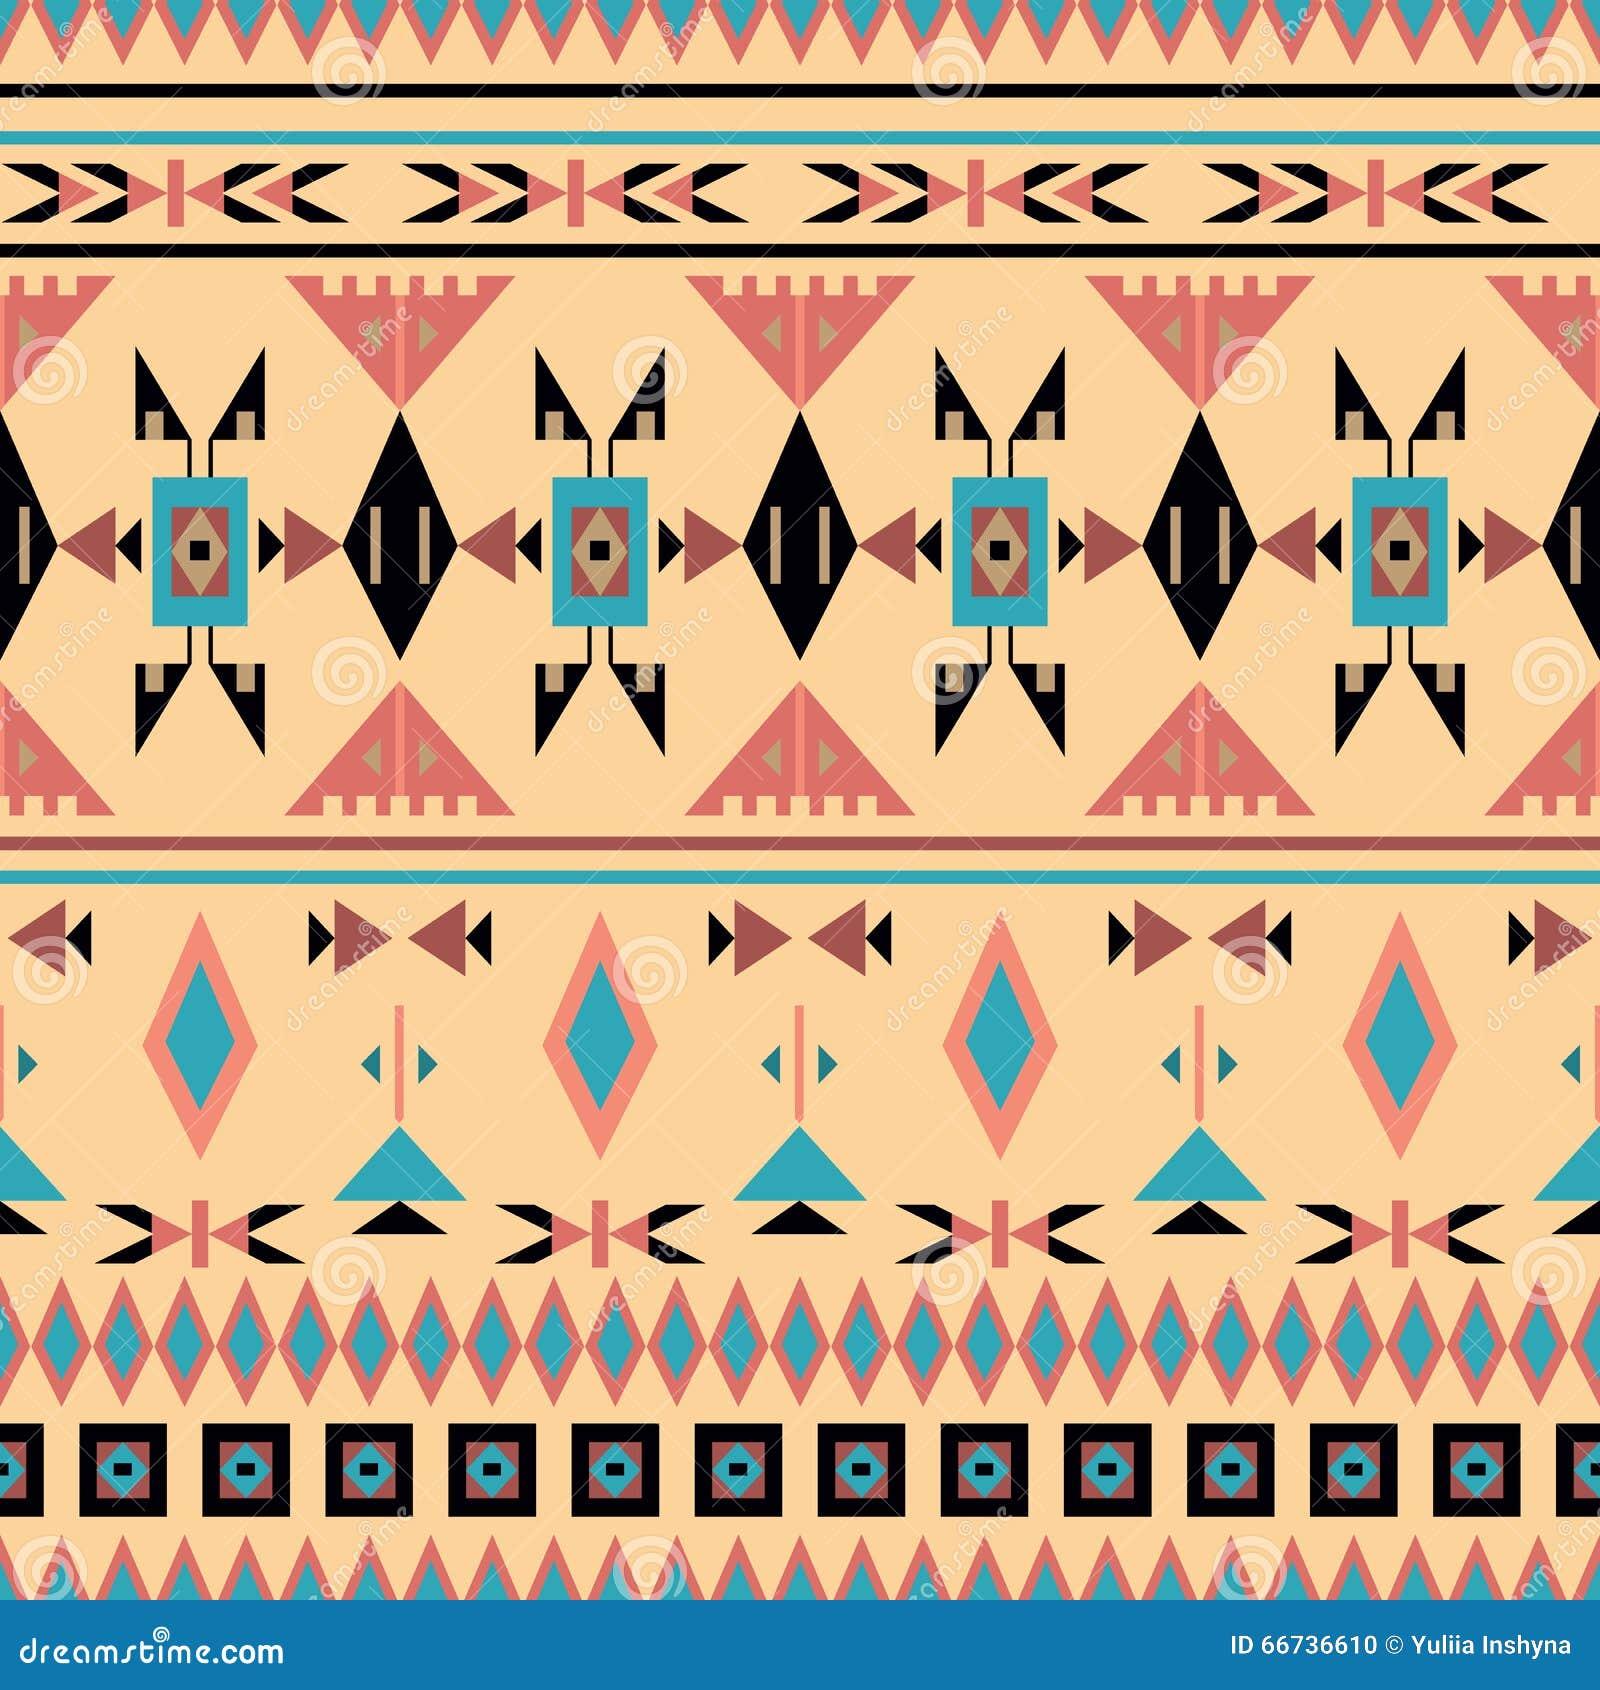 indianer nahtloses muster vektorillustration vektor